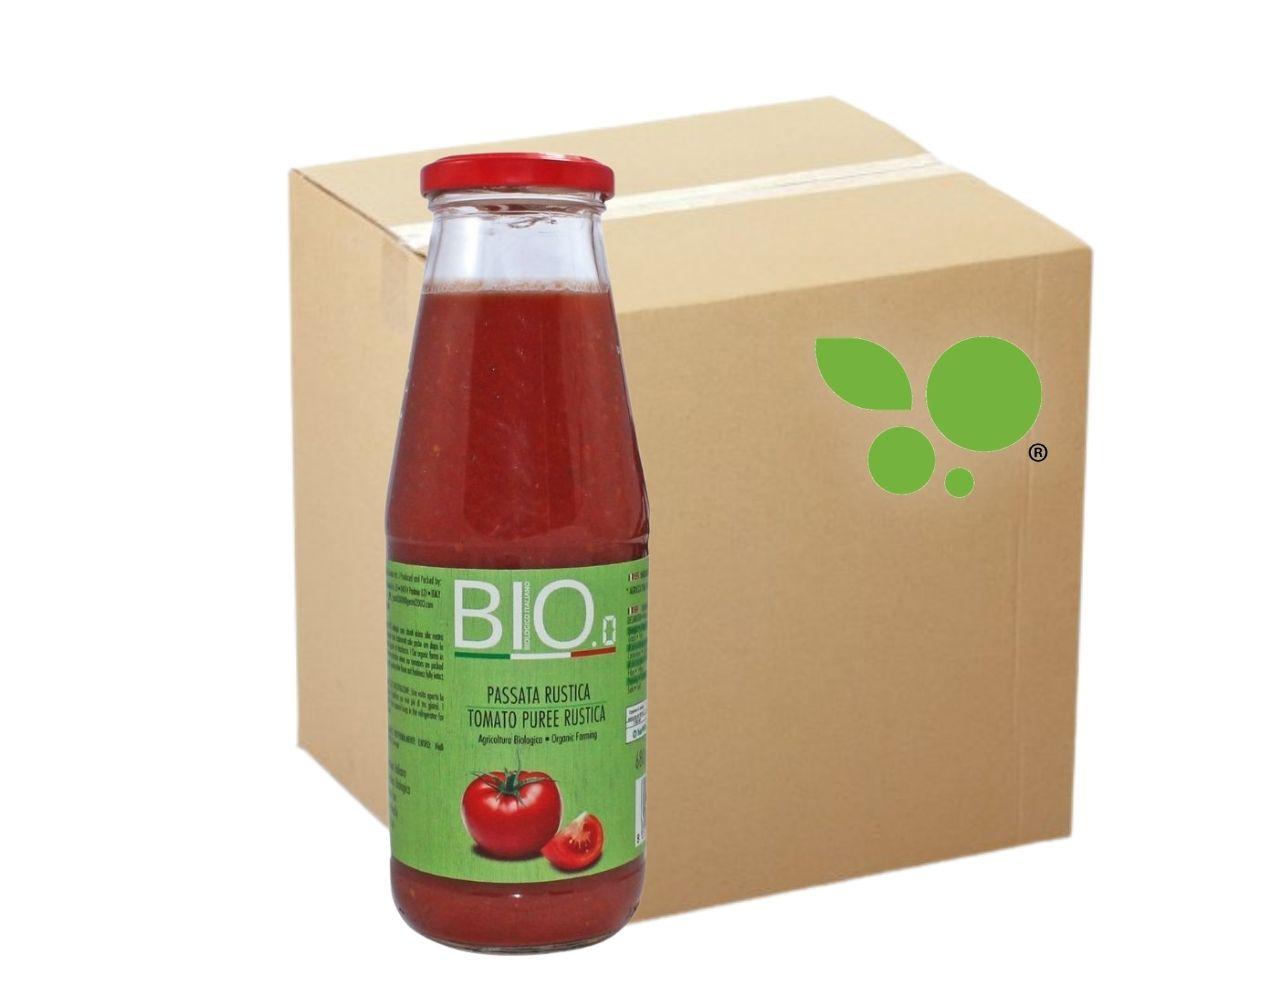 12 confezioni Passata di pomodoro Bio rustica Gestal 680gr